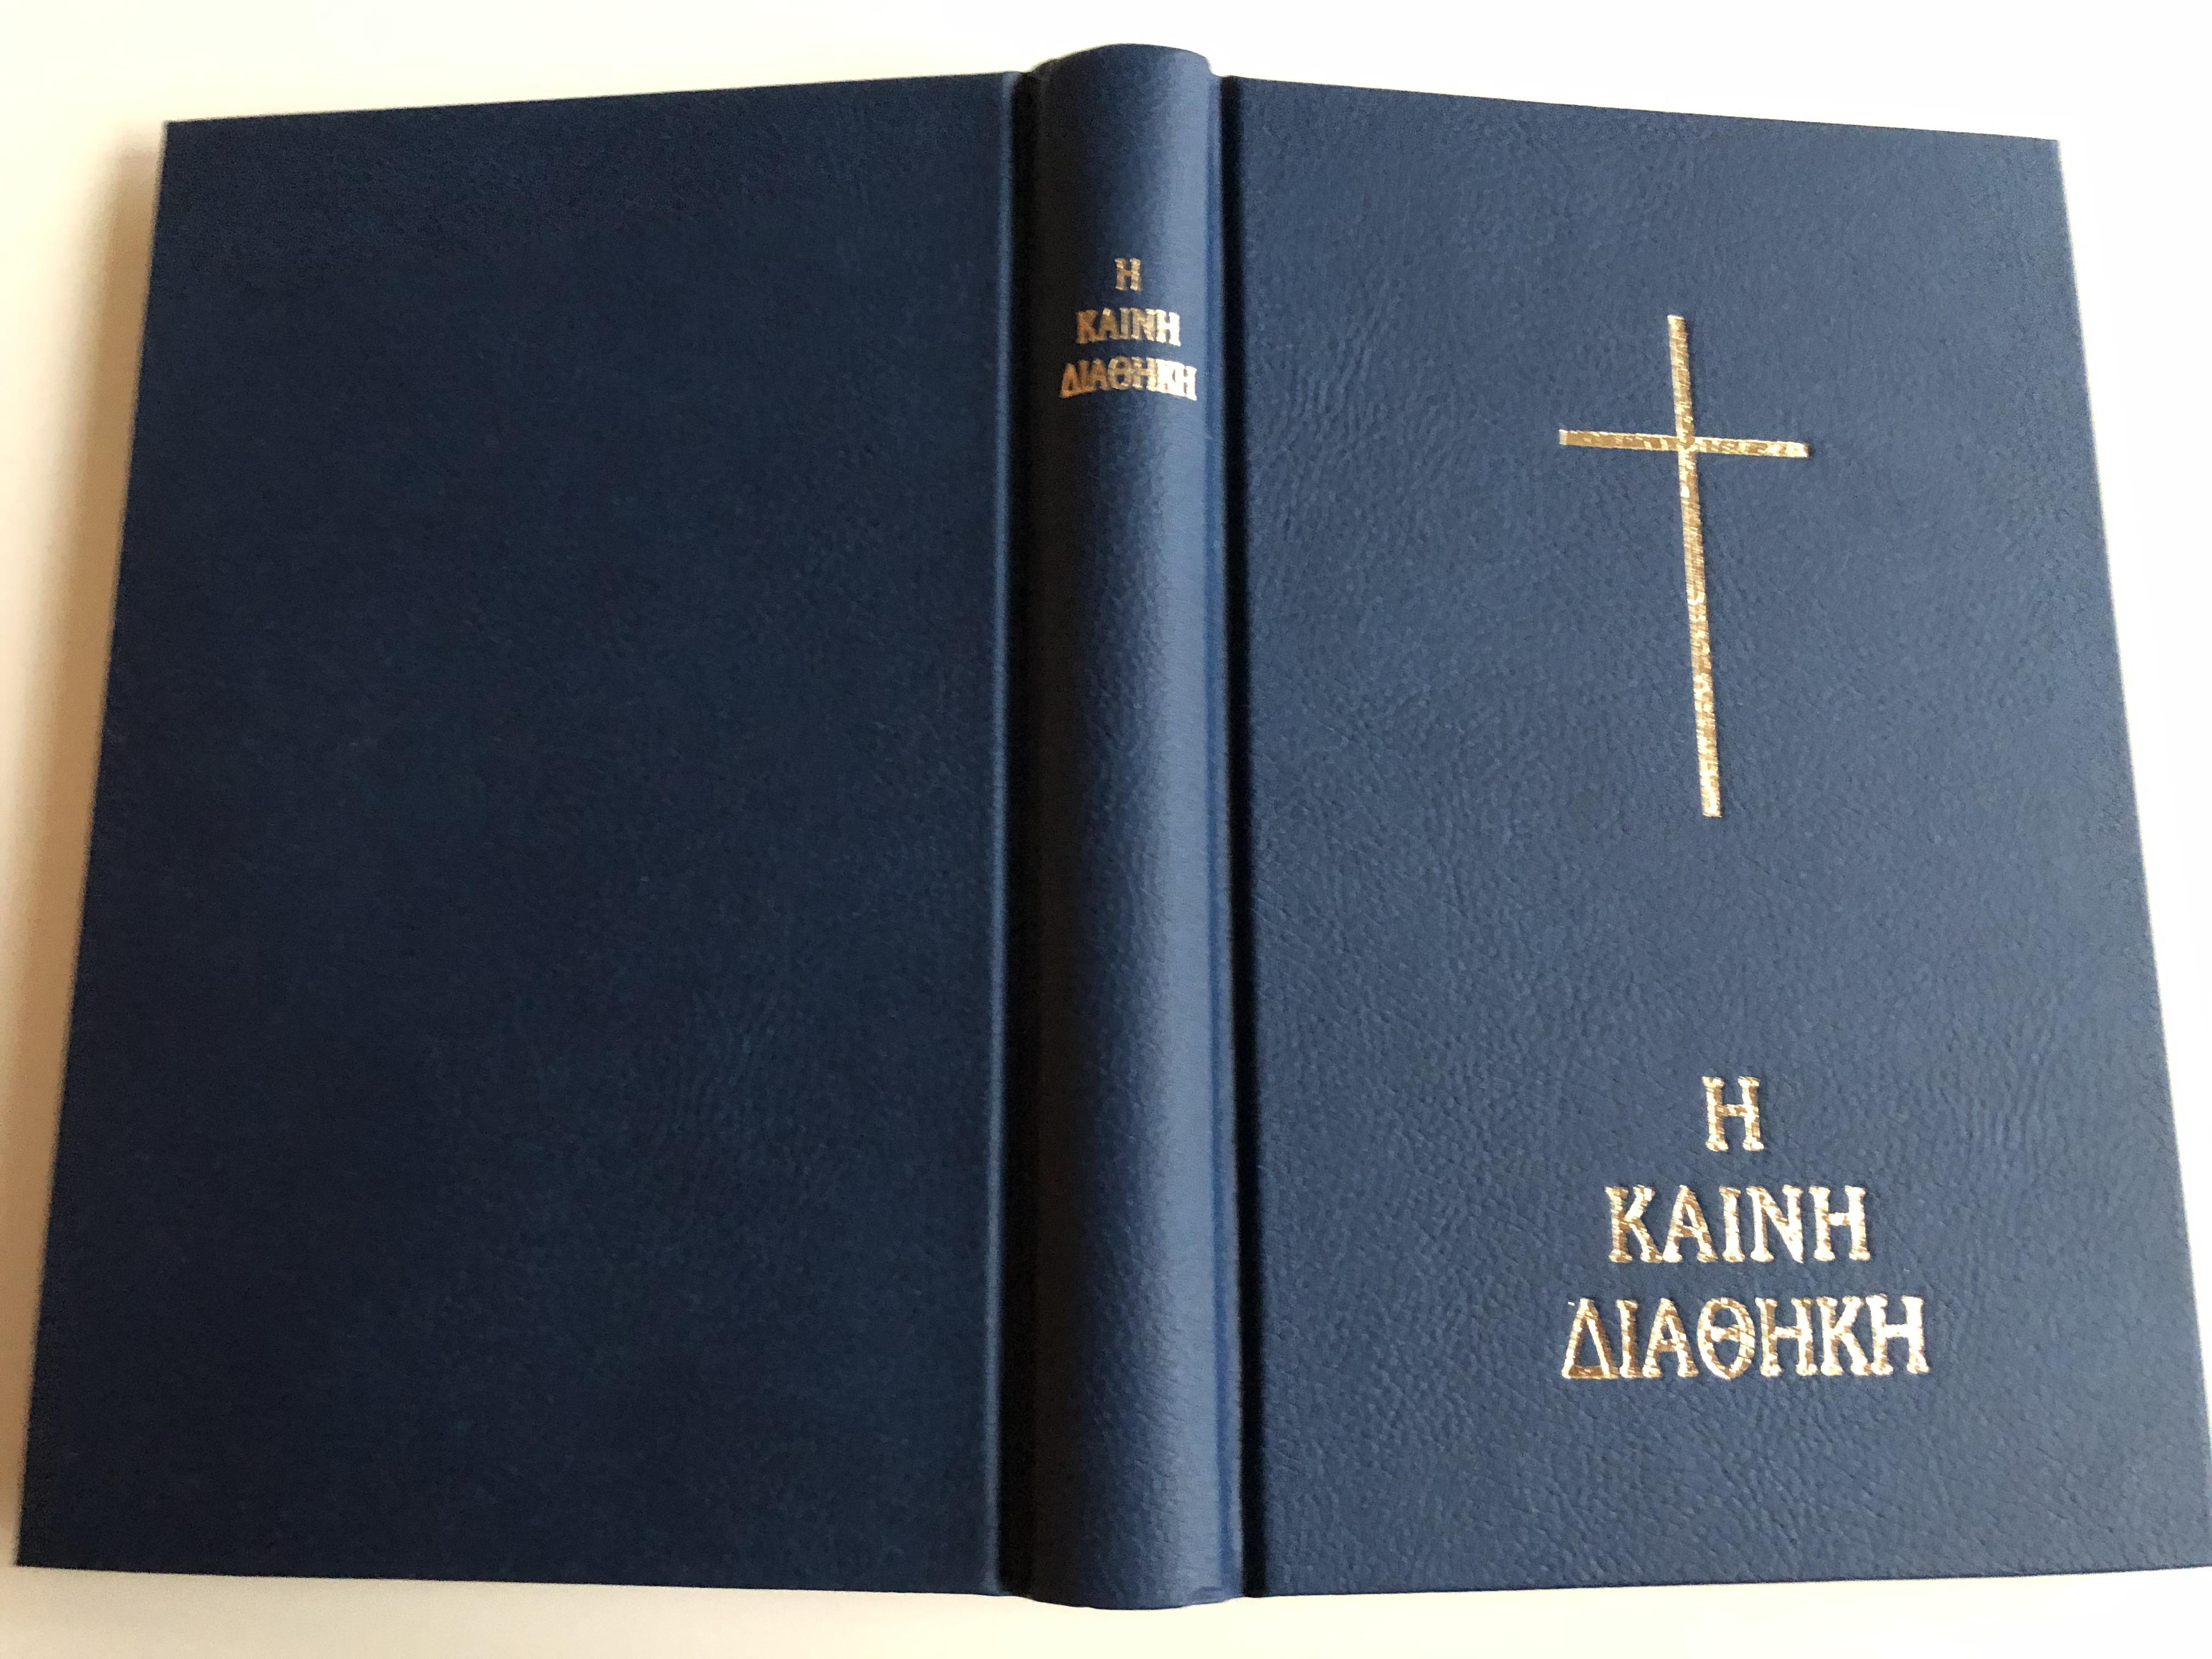 greek-modern-new-testament-greek-bible-society-2009-3.jpg